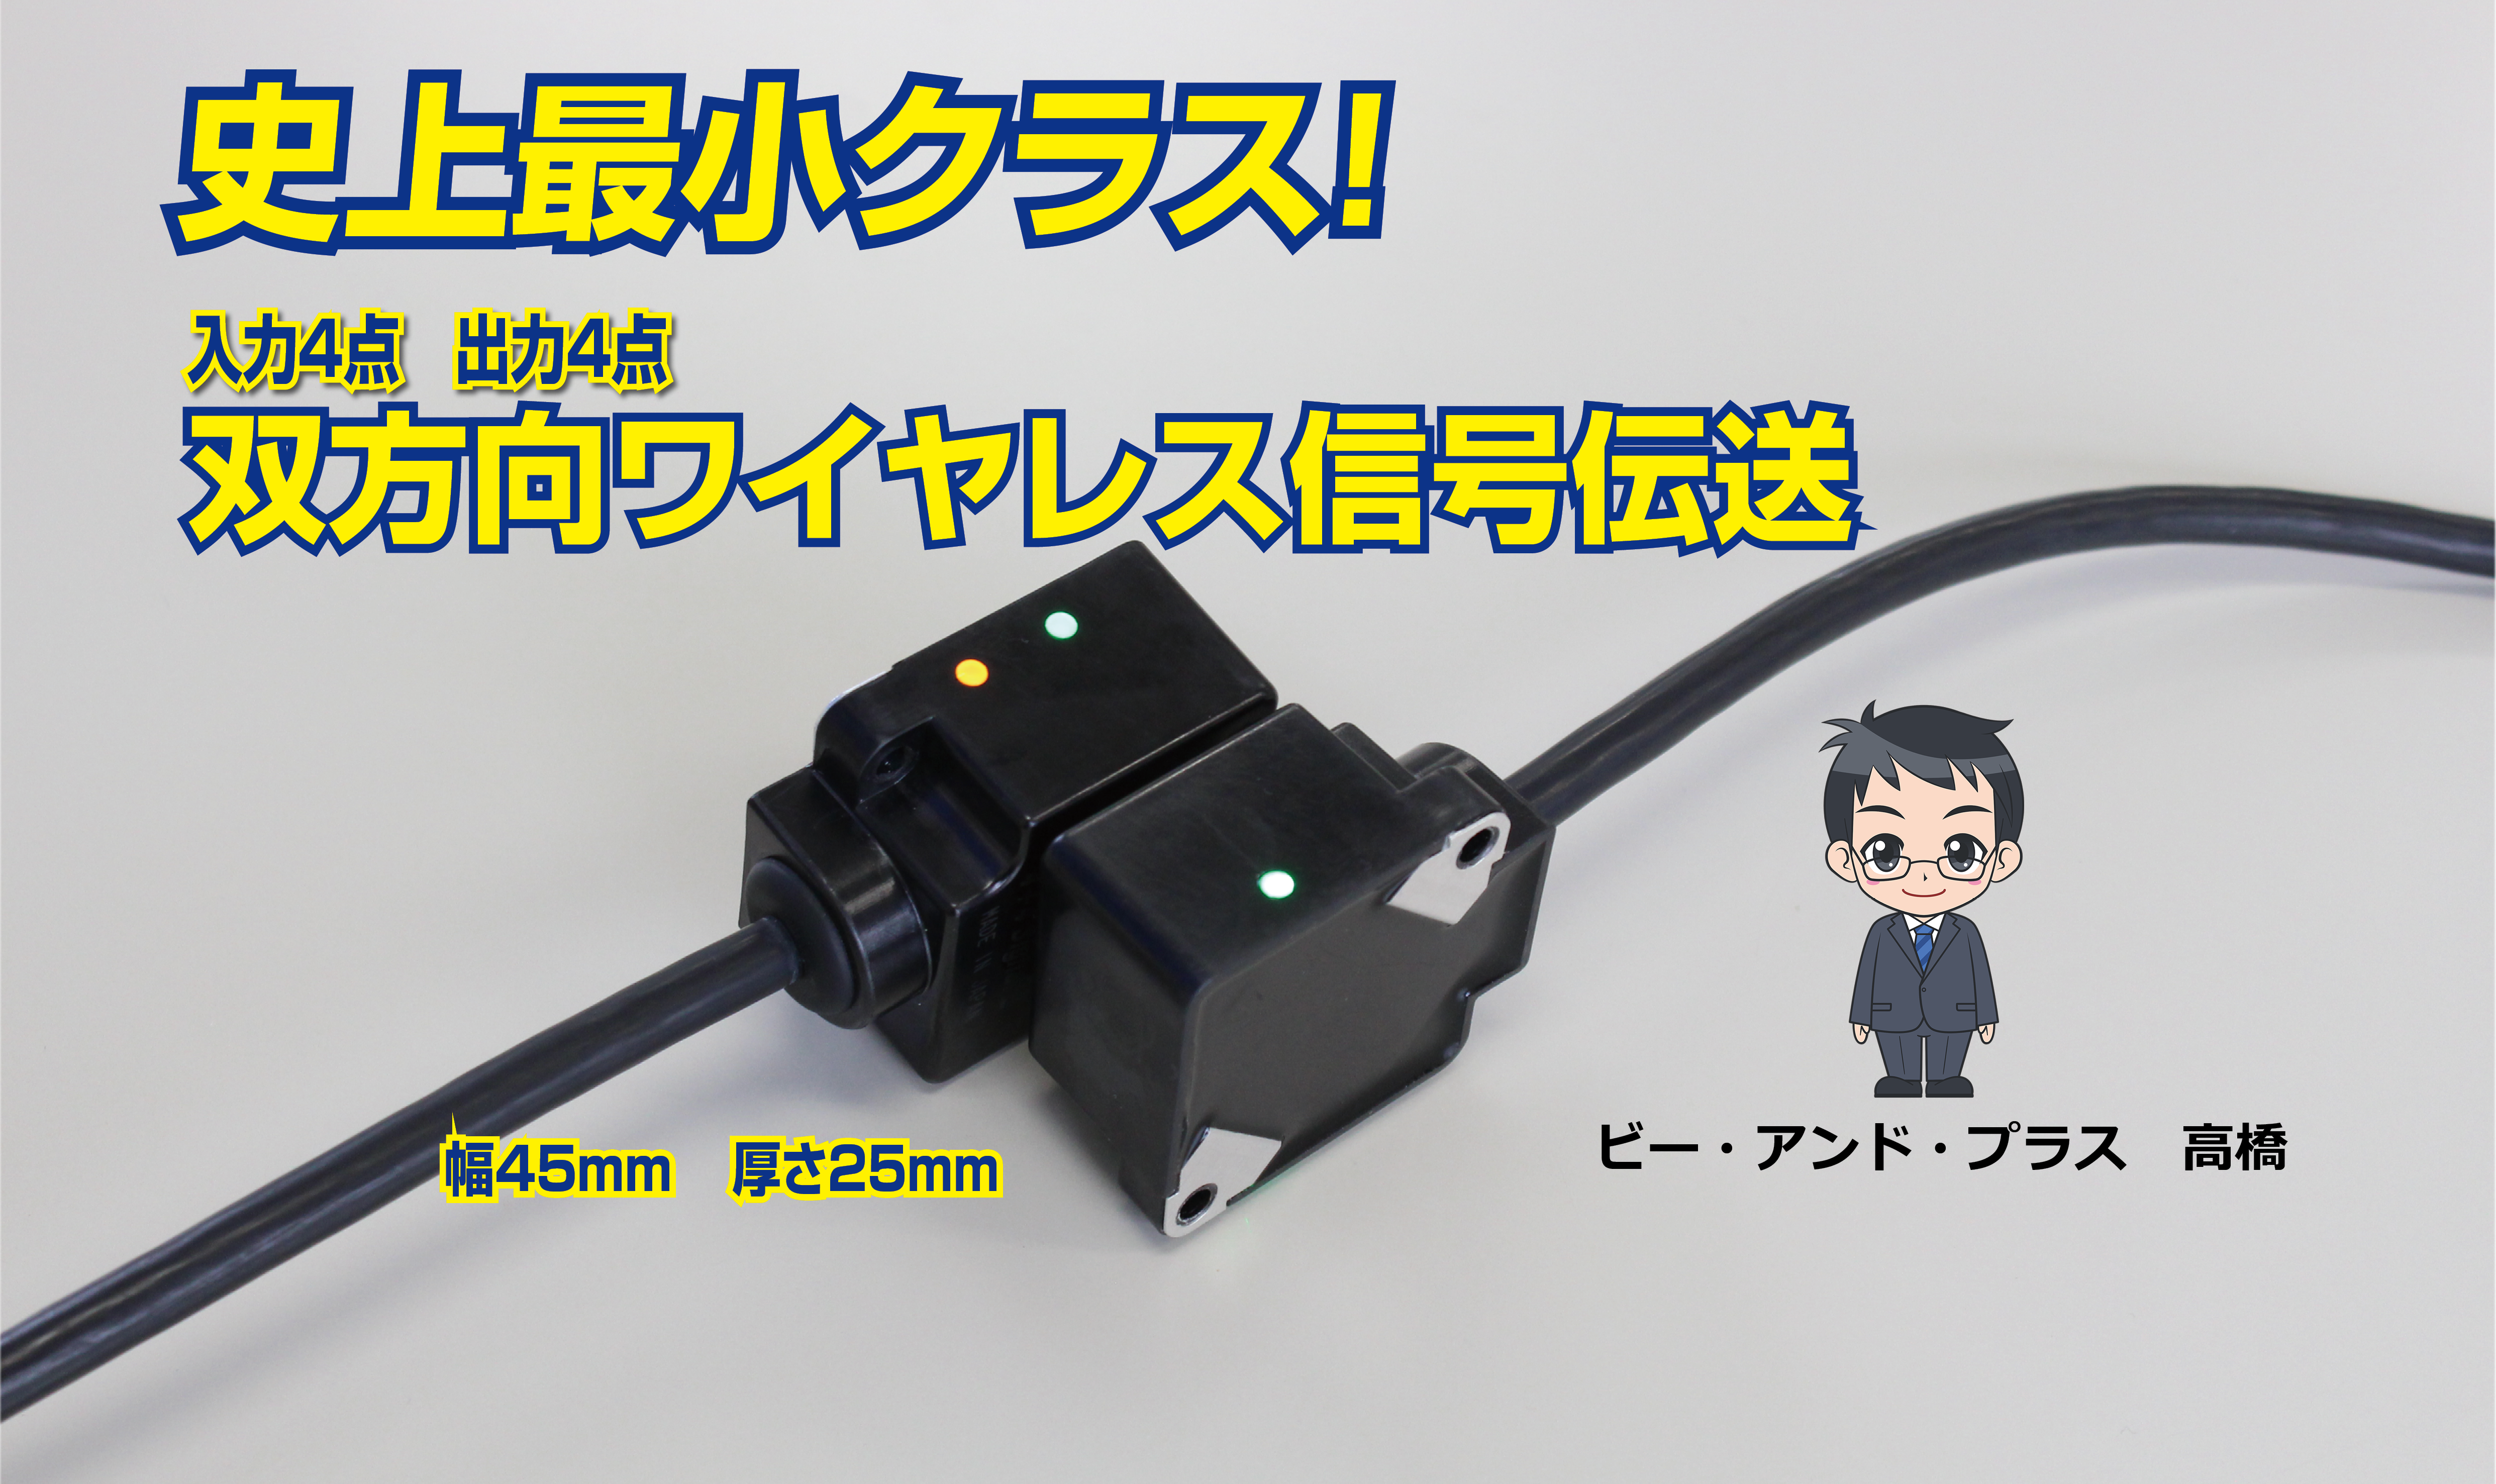 【4+4】双方向信号&24V1Aをワイヤレス伝送できるコンパクトタイプ発売!